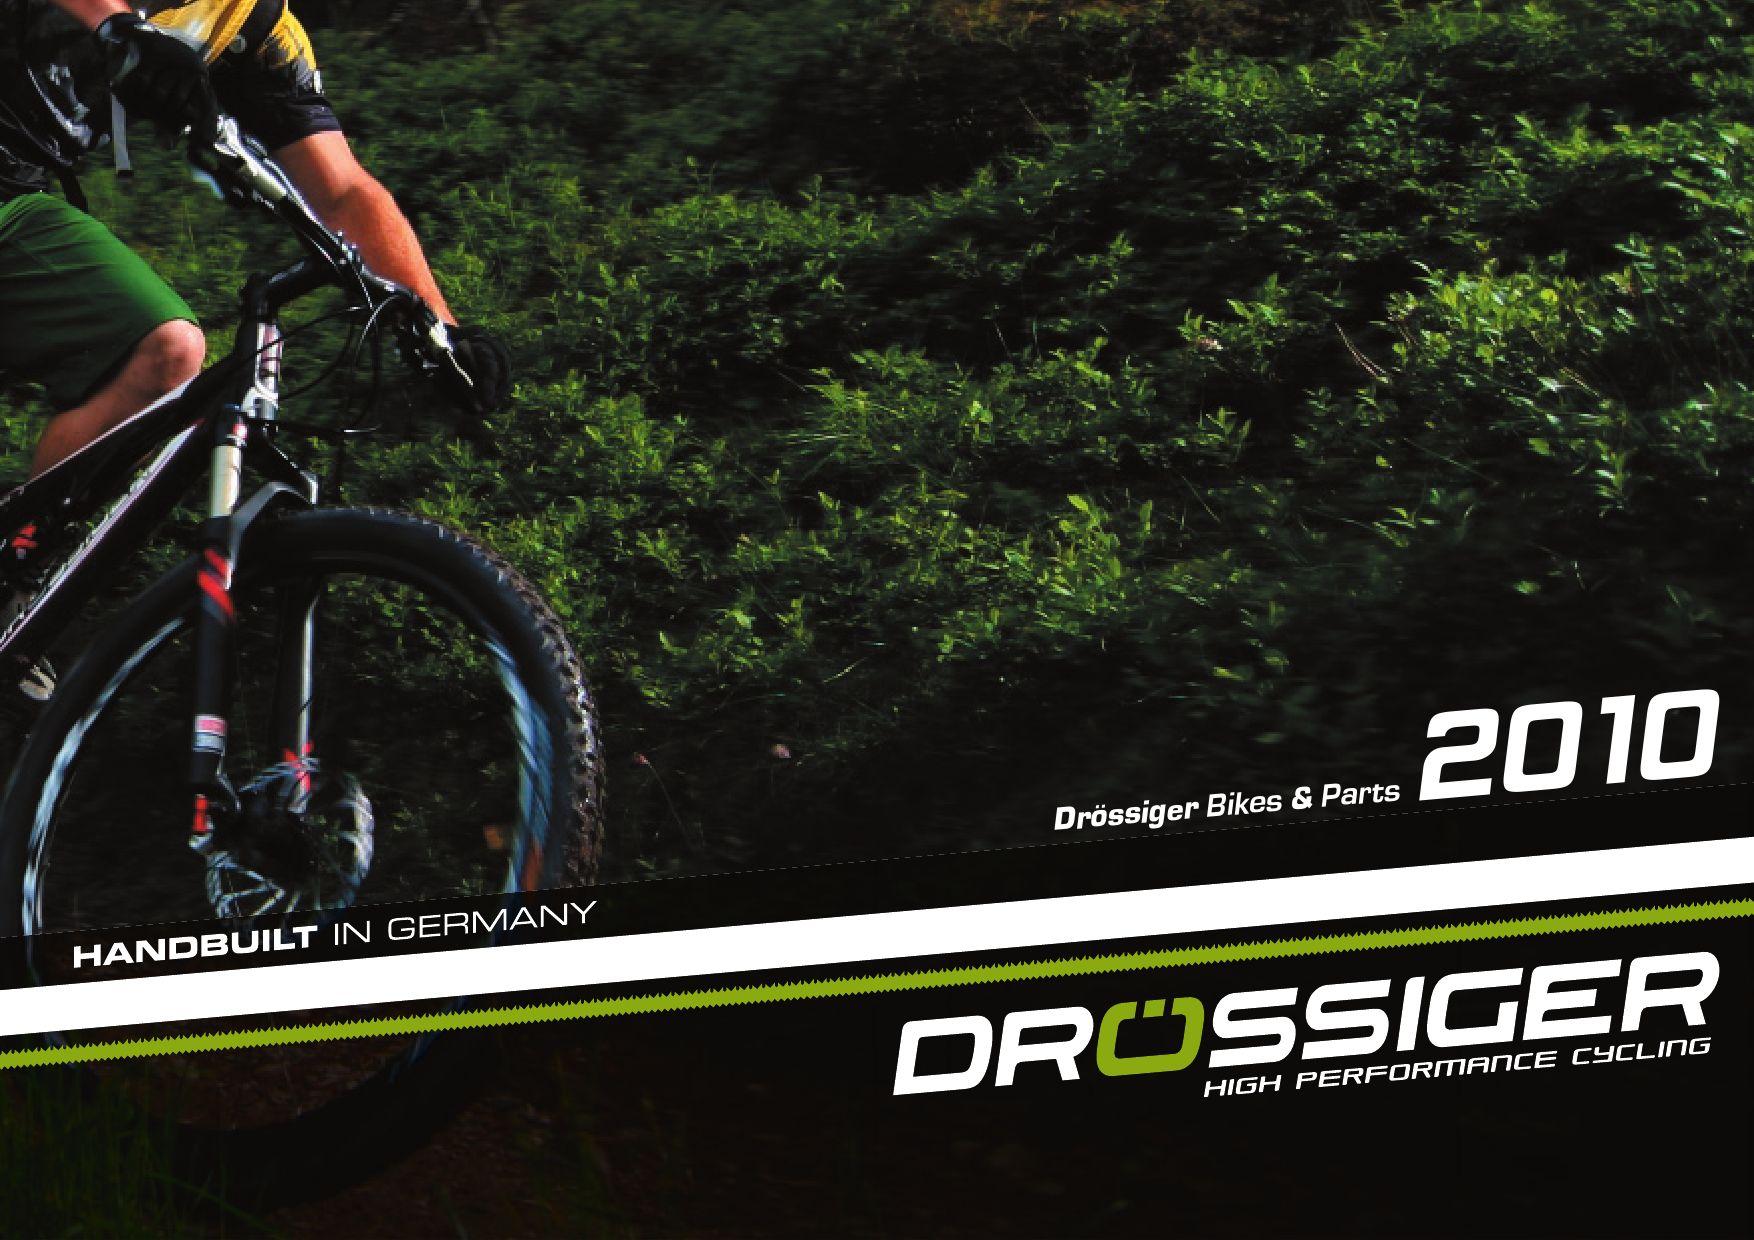 Drössiger Bikes 2010 by Tomazzini www.tomazzini.com - issuu